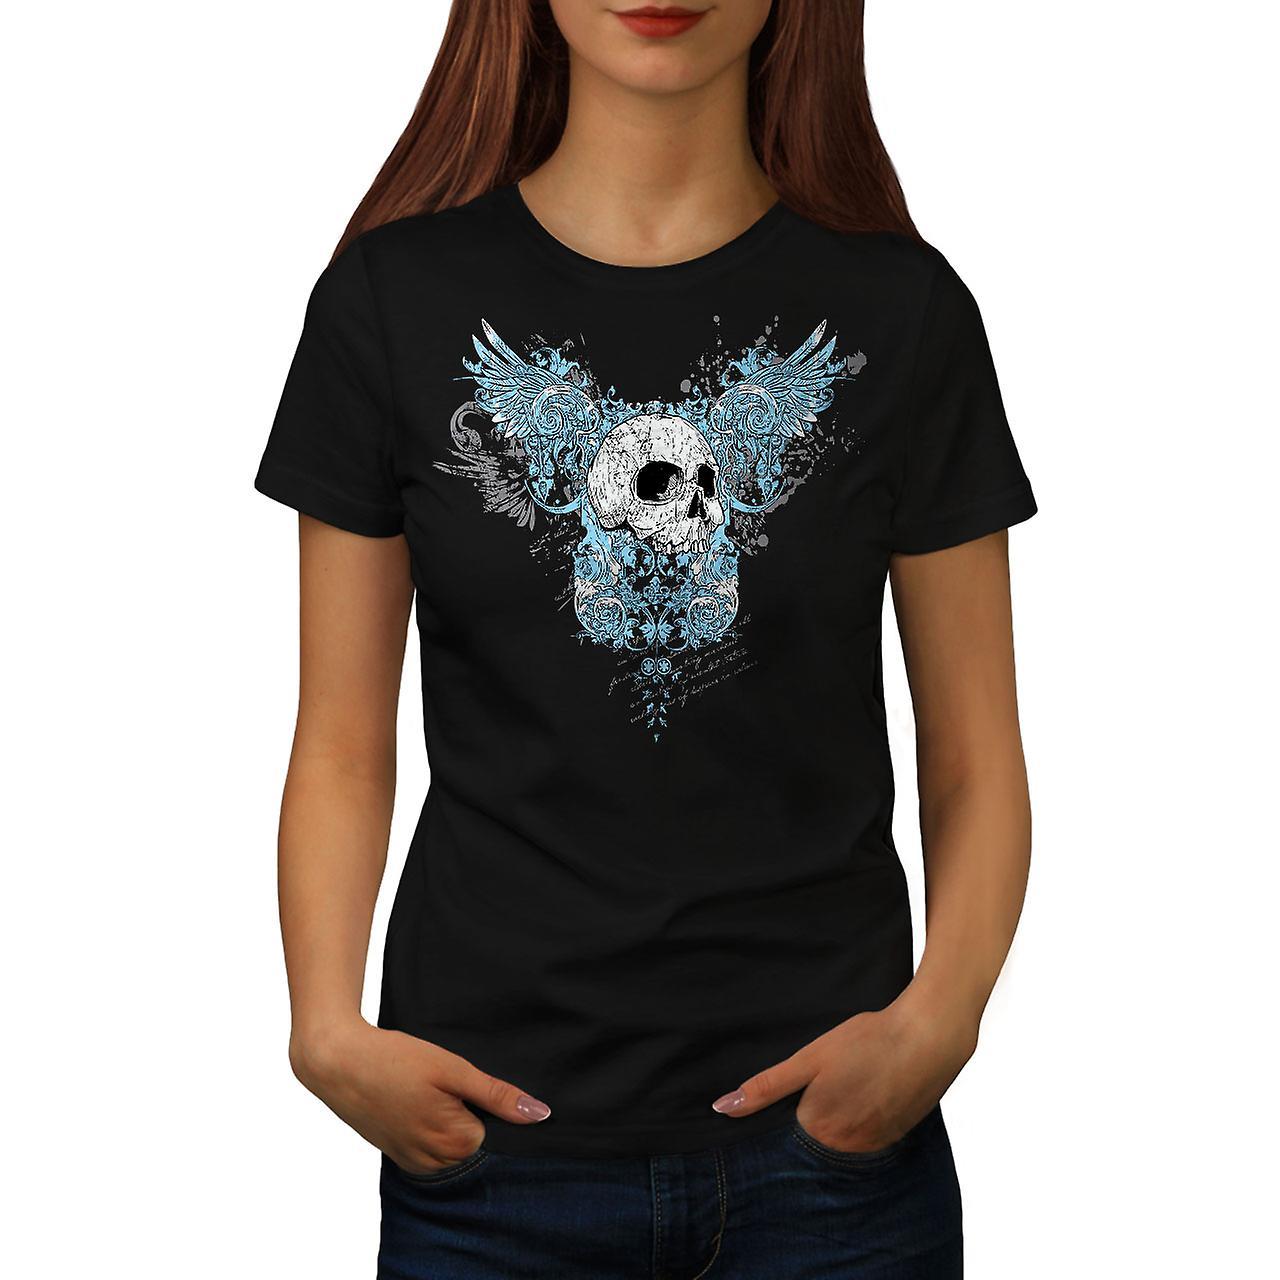 Flügel Gothic Biker Skull Frauen T-shirt schwarz | Wellcoda